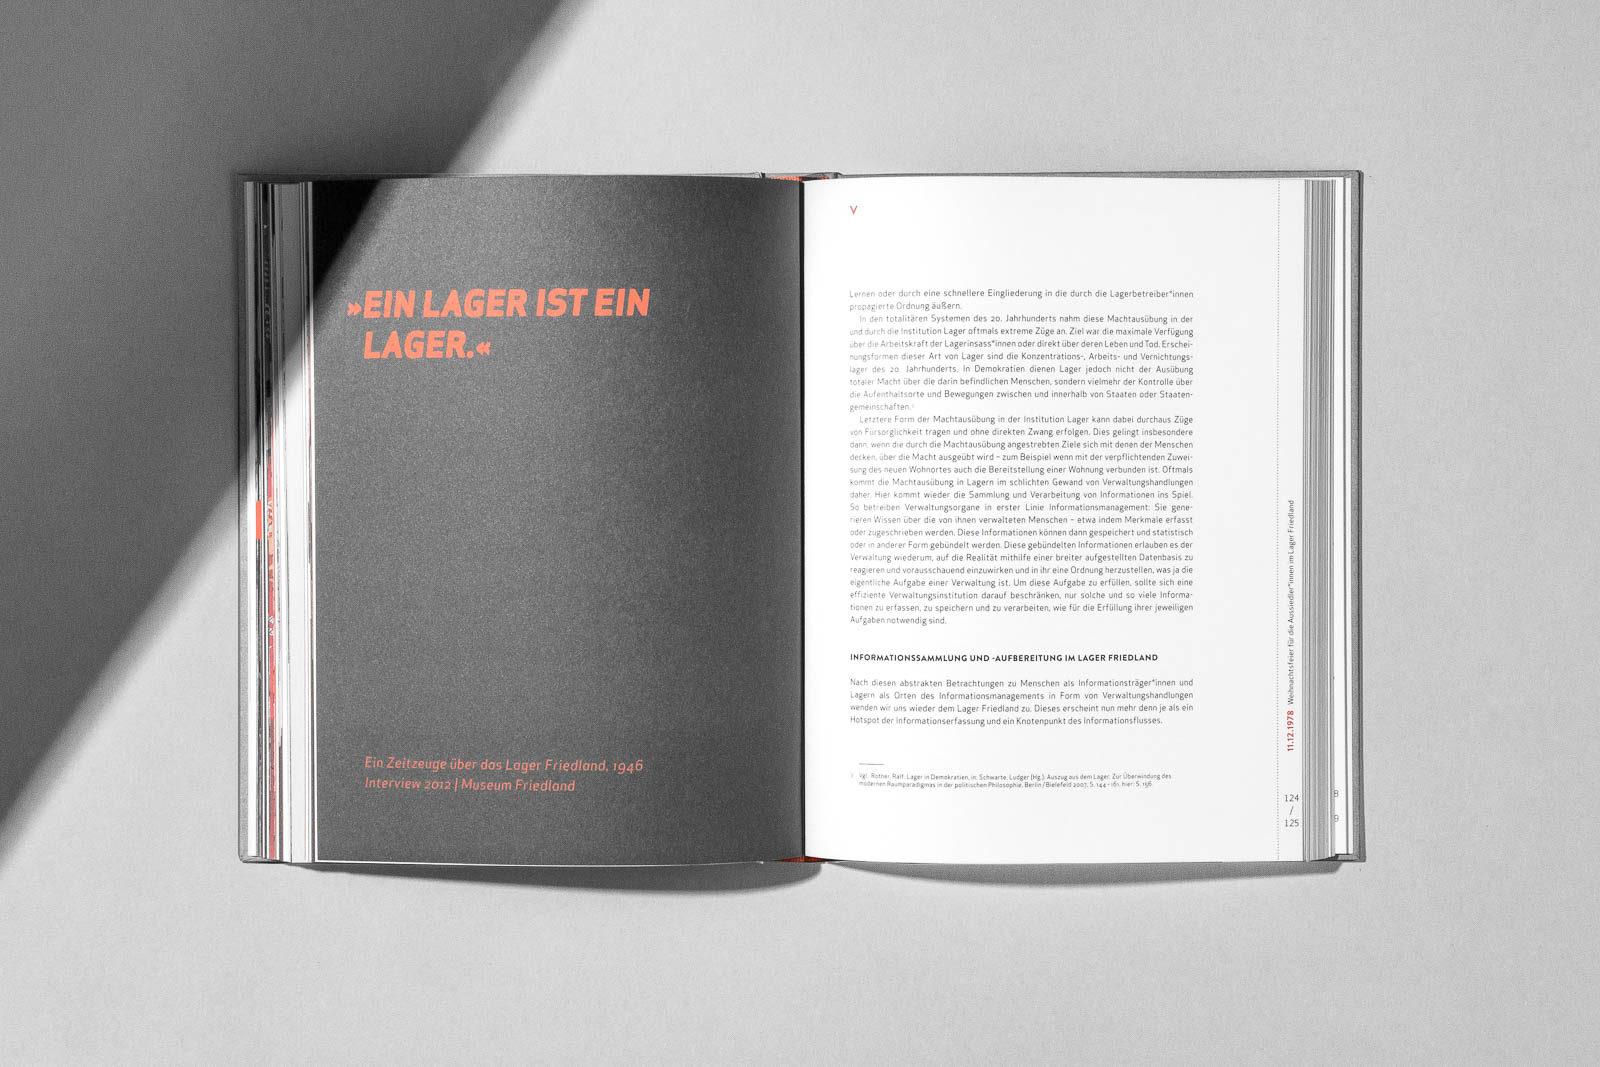 Editienne Kommunikationsdesign- Buchgestaltung für den Ausstellungskatalog 12